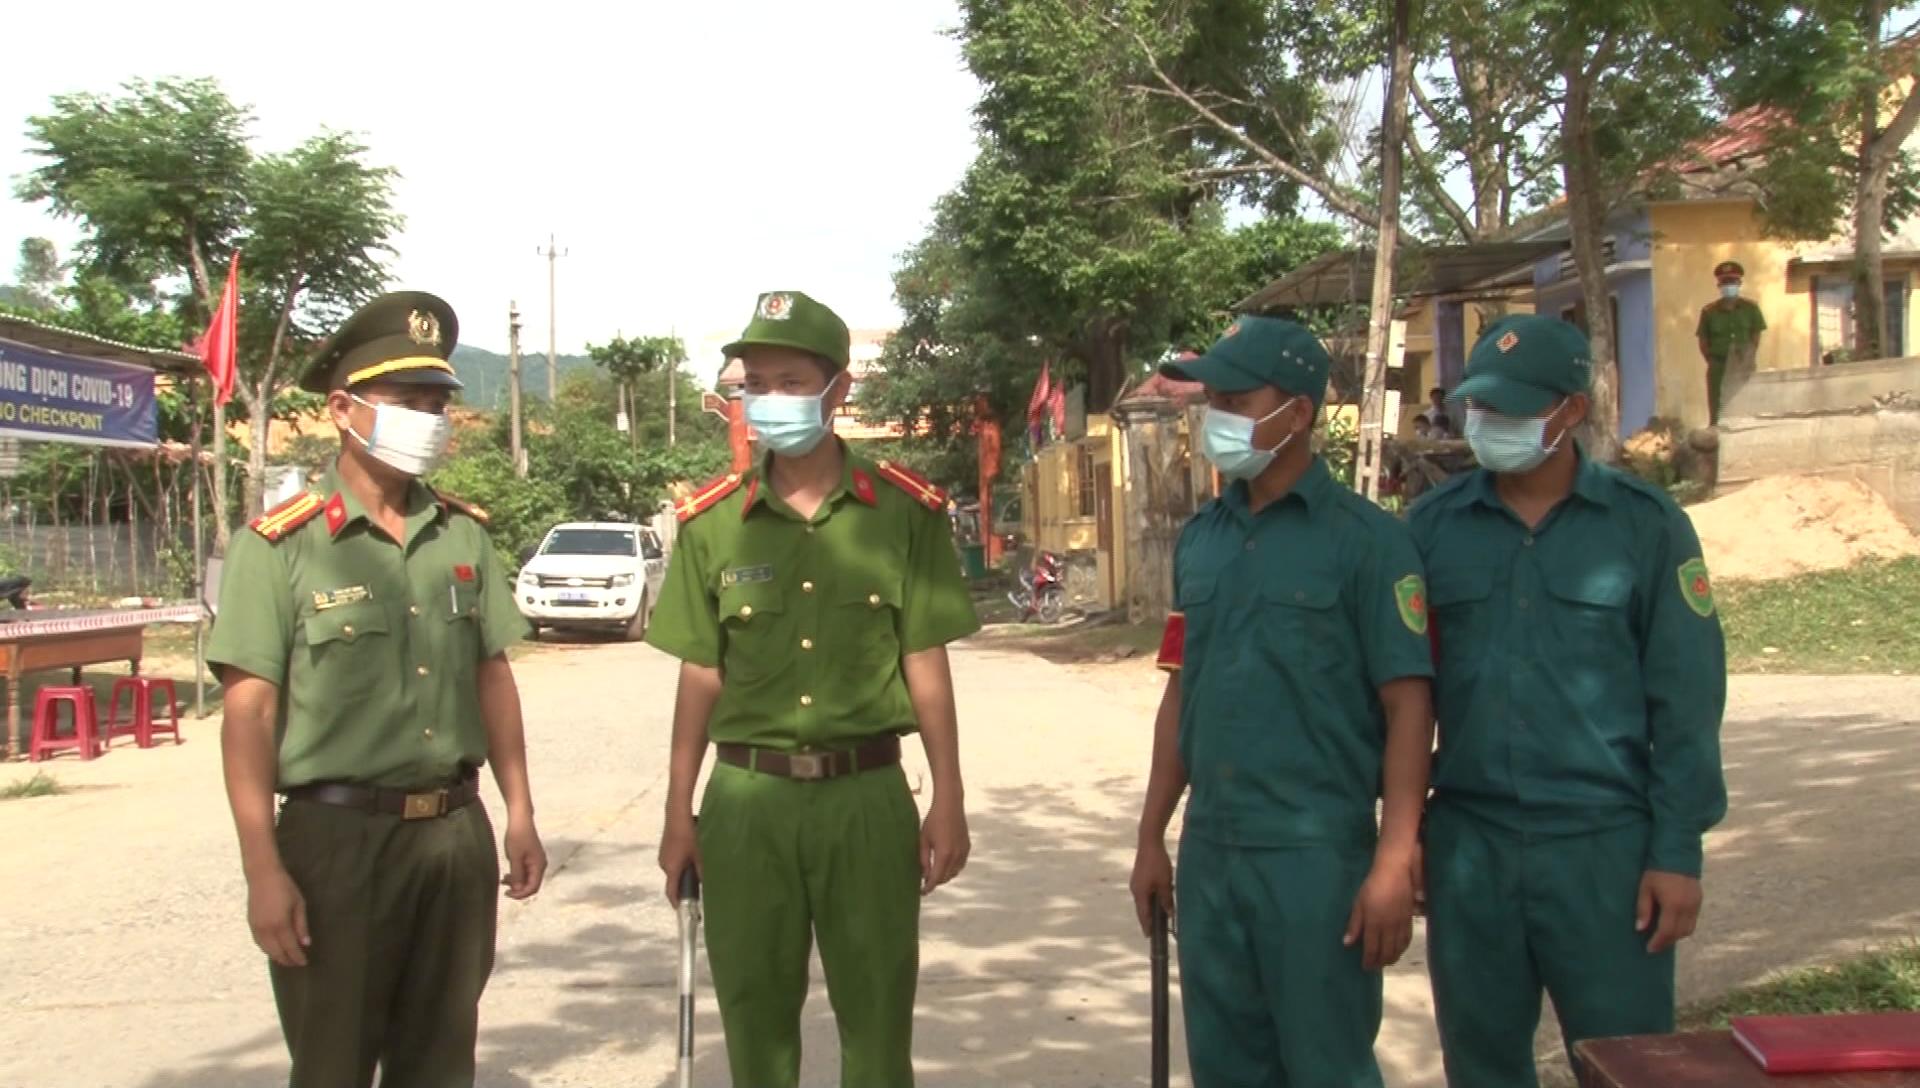 Lãnh đạo Công an huyện Đông Giang kiểm tra, động viên lực lượng làm nhiệm vụ tại chốt kiểm soát Dốc Kiền